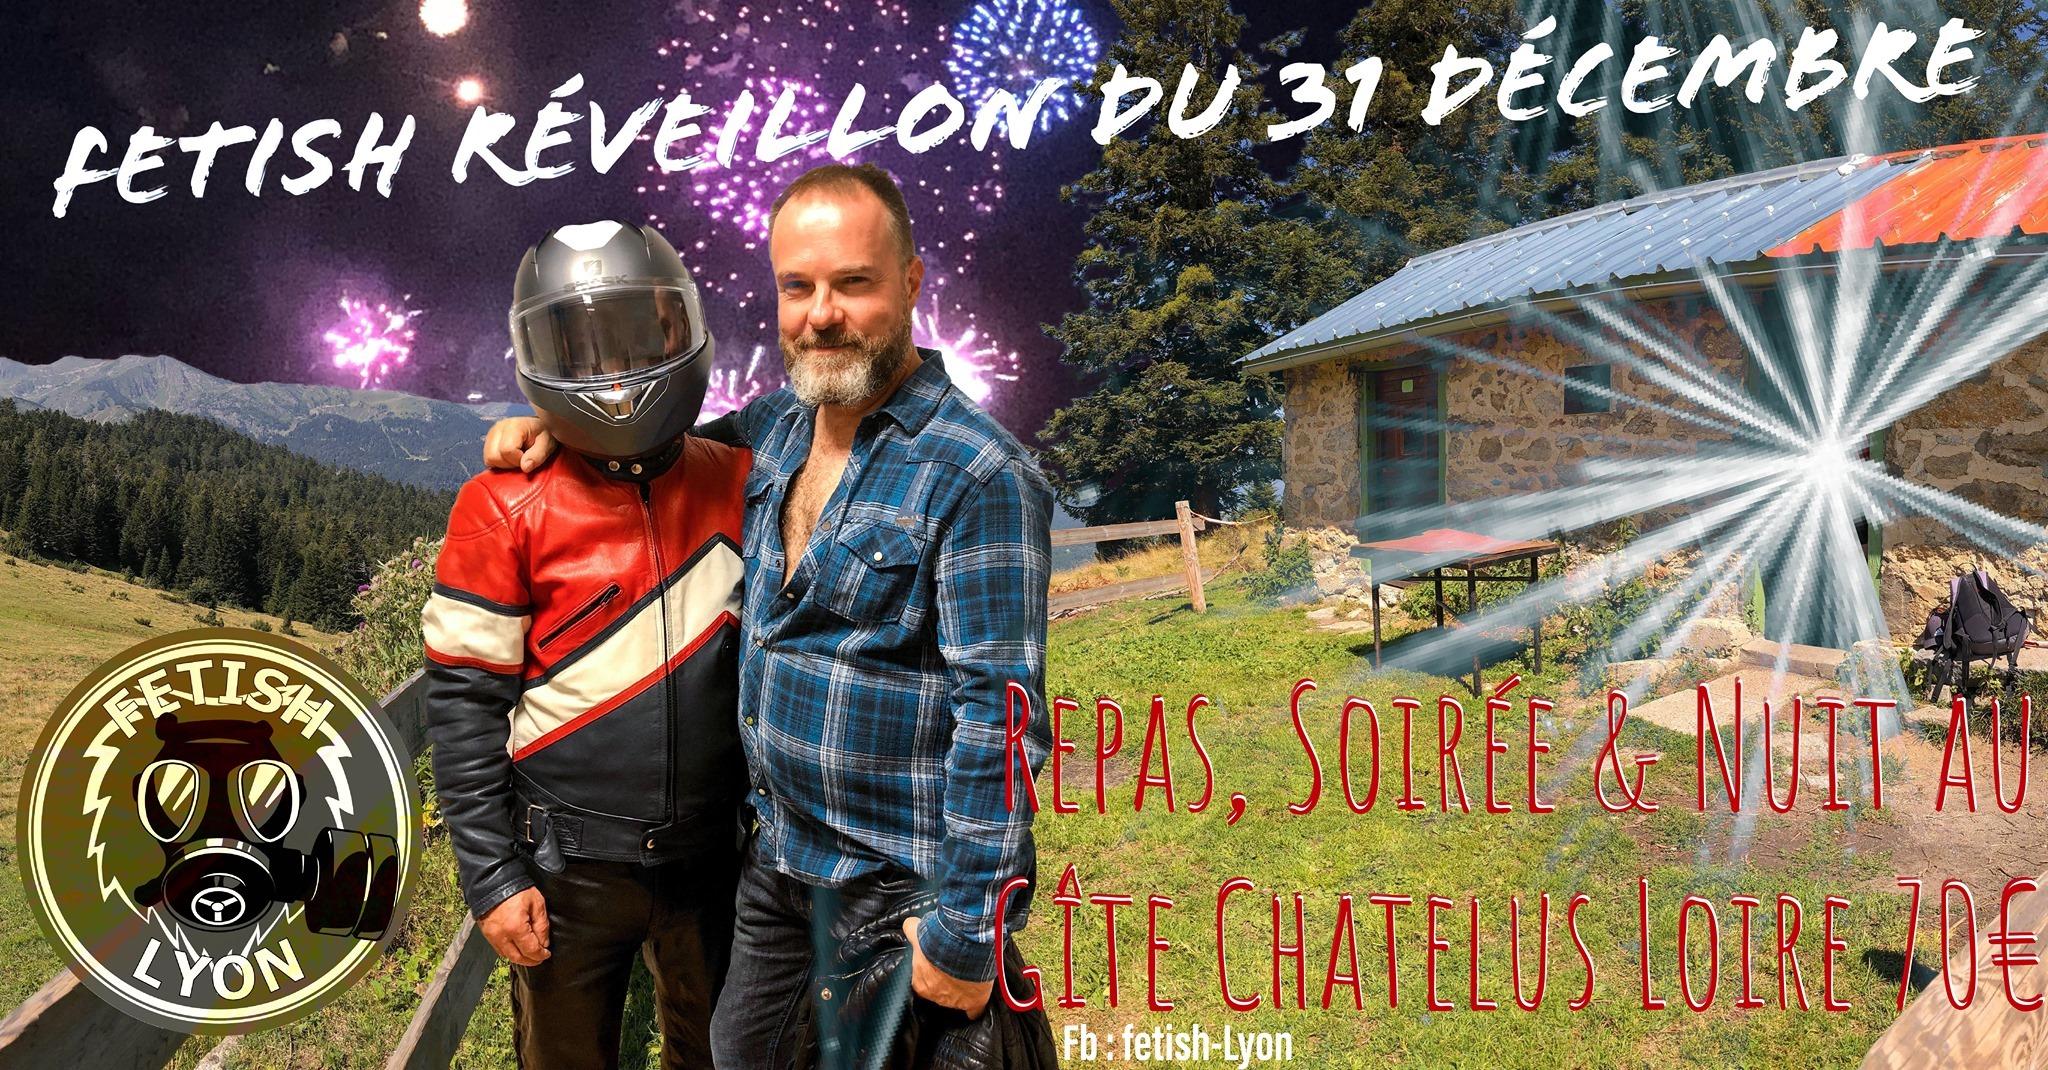 Fetish-Reveillon Spécial Nouvel-An Vingt Vingt, 31 décembre, Chatelus (Loire)